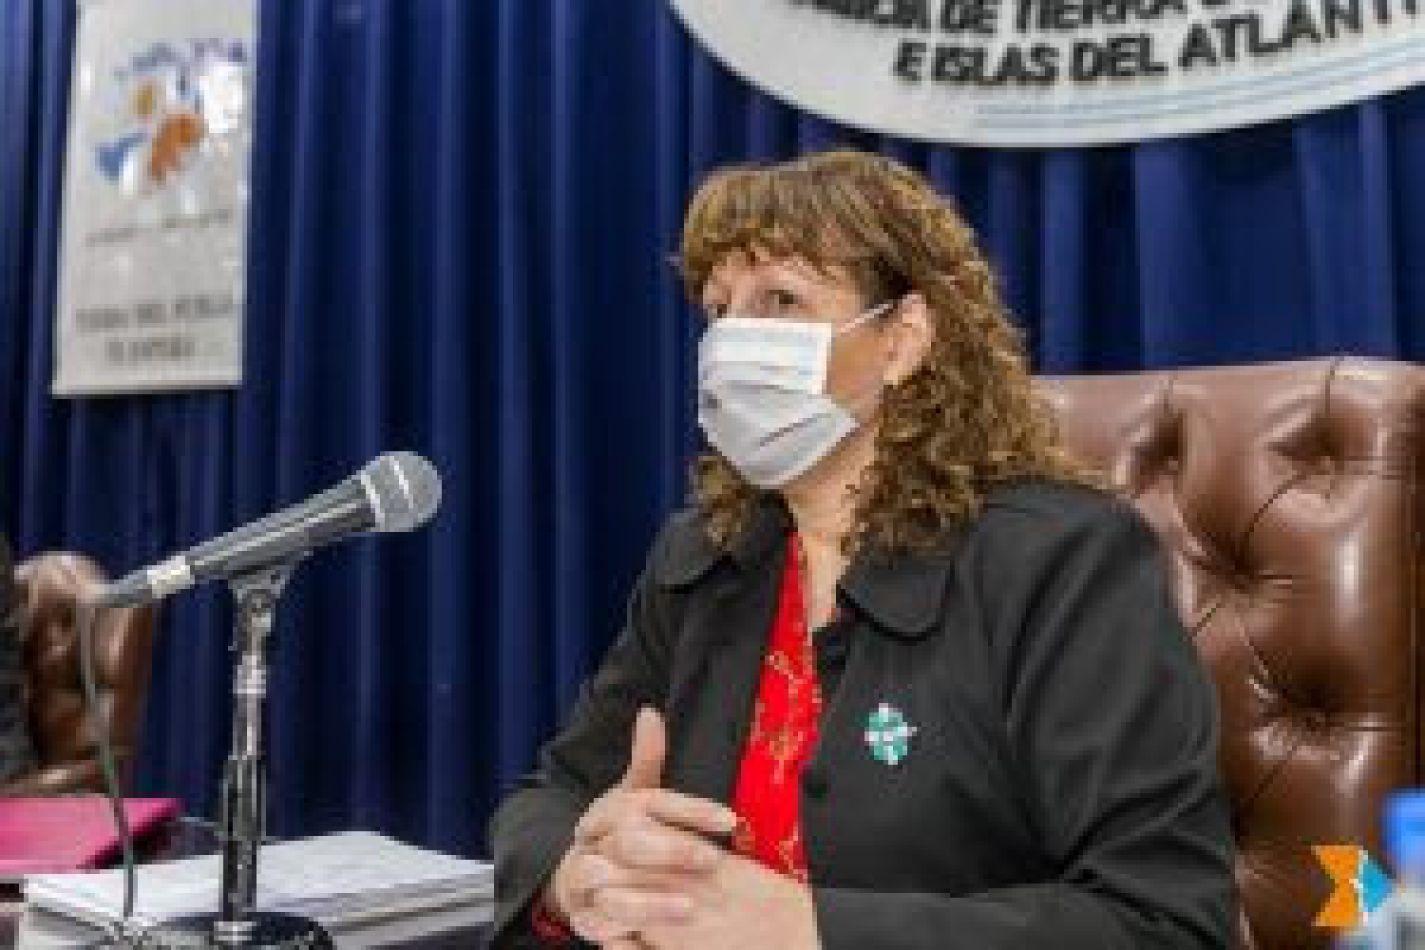 Vicegobernadora de la provincia de Tierra del Fuego, Mónica Urquiza